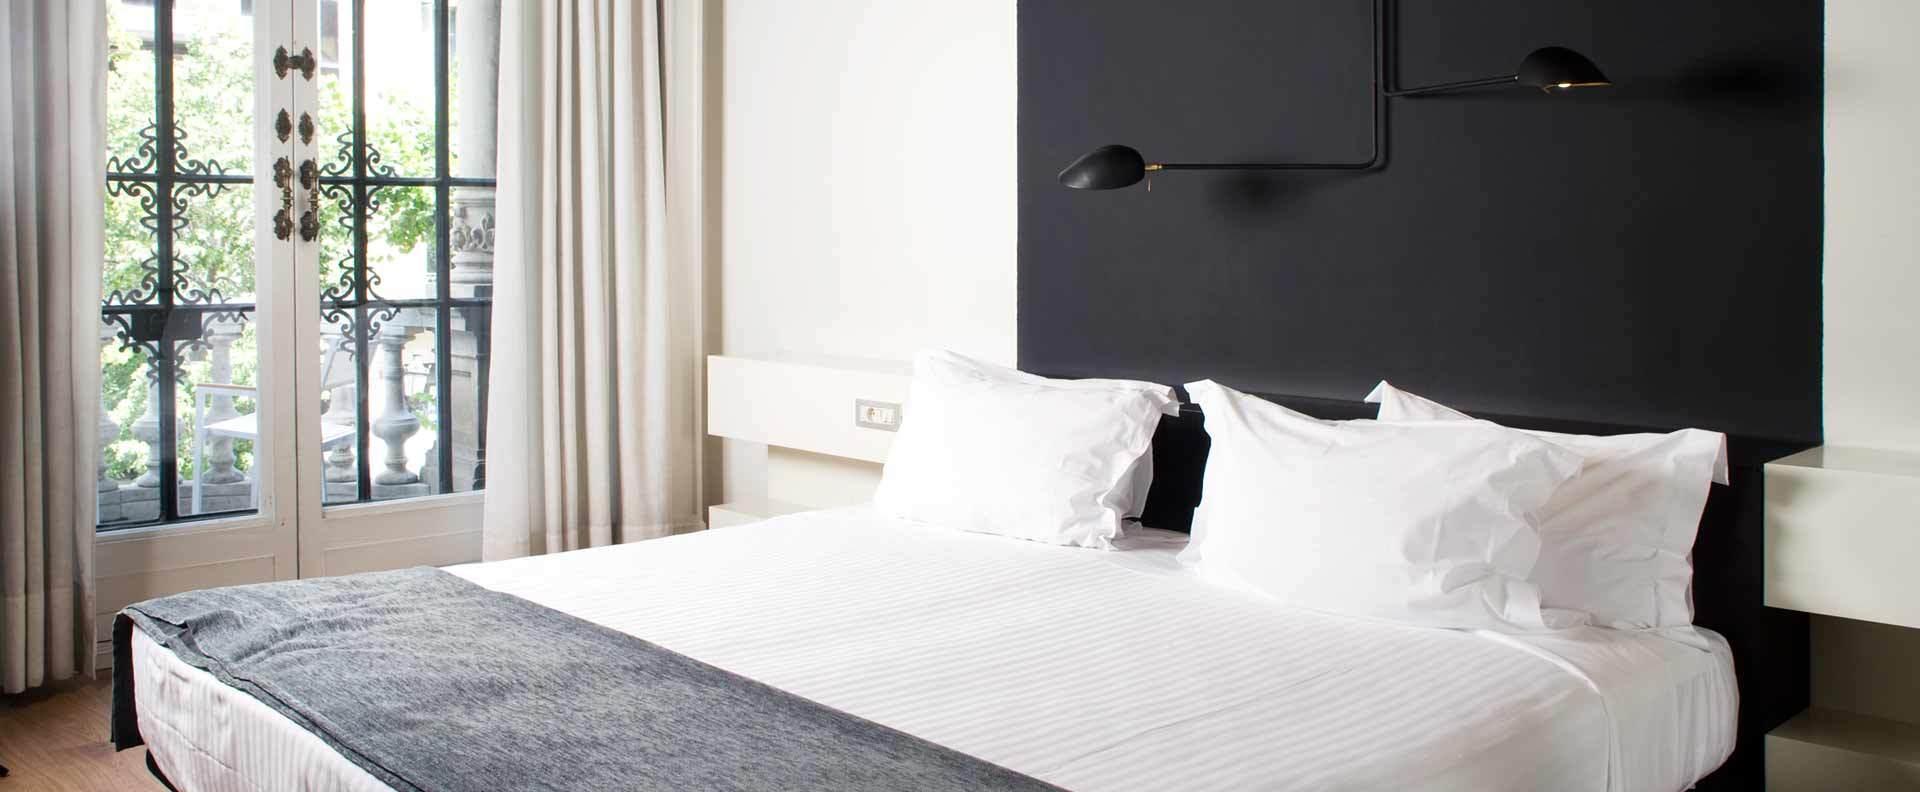 1.100 habitacions d'hotel a Barcelona per 10 euros!